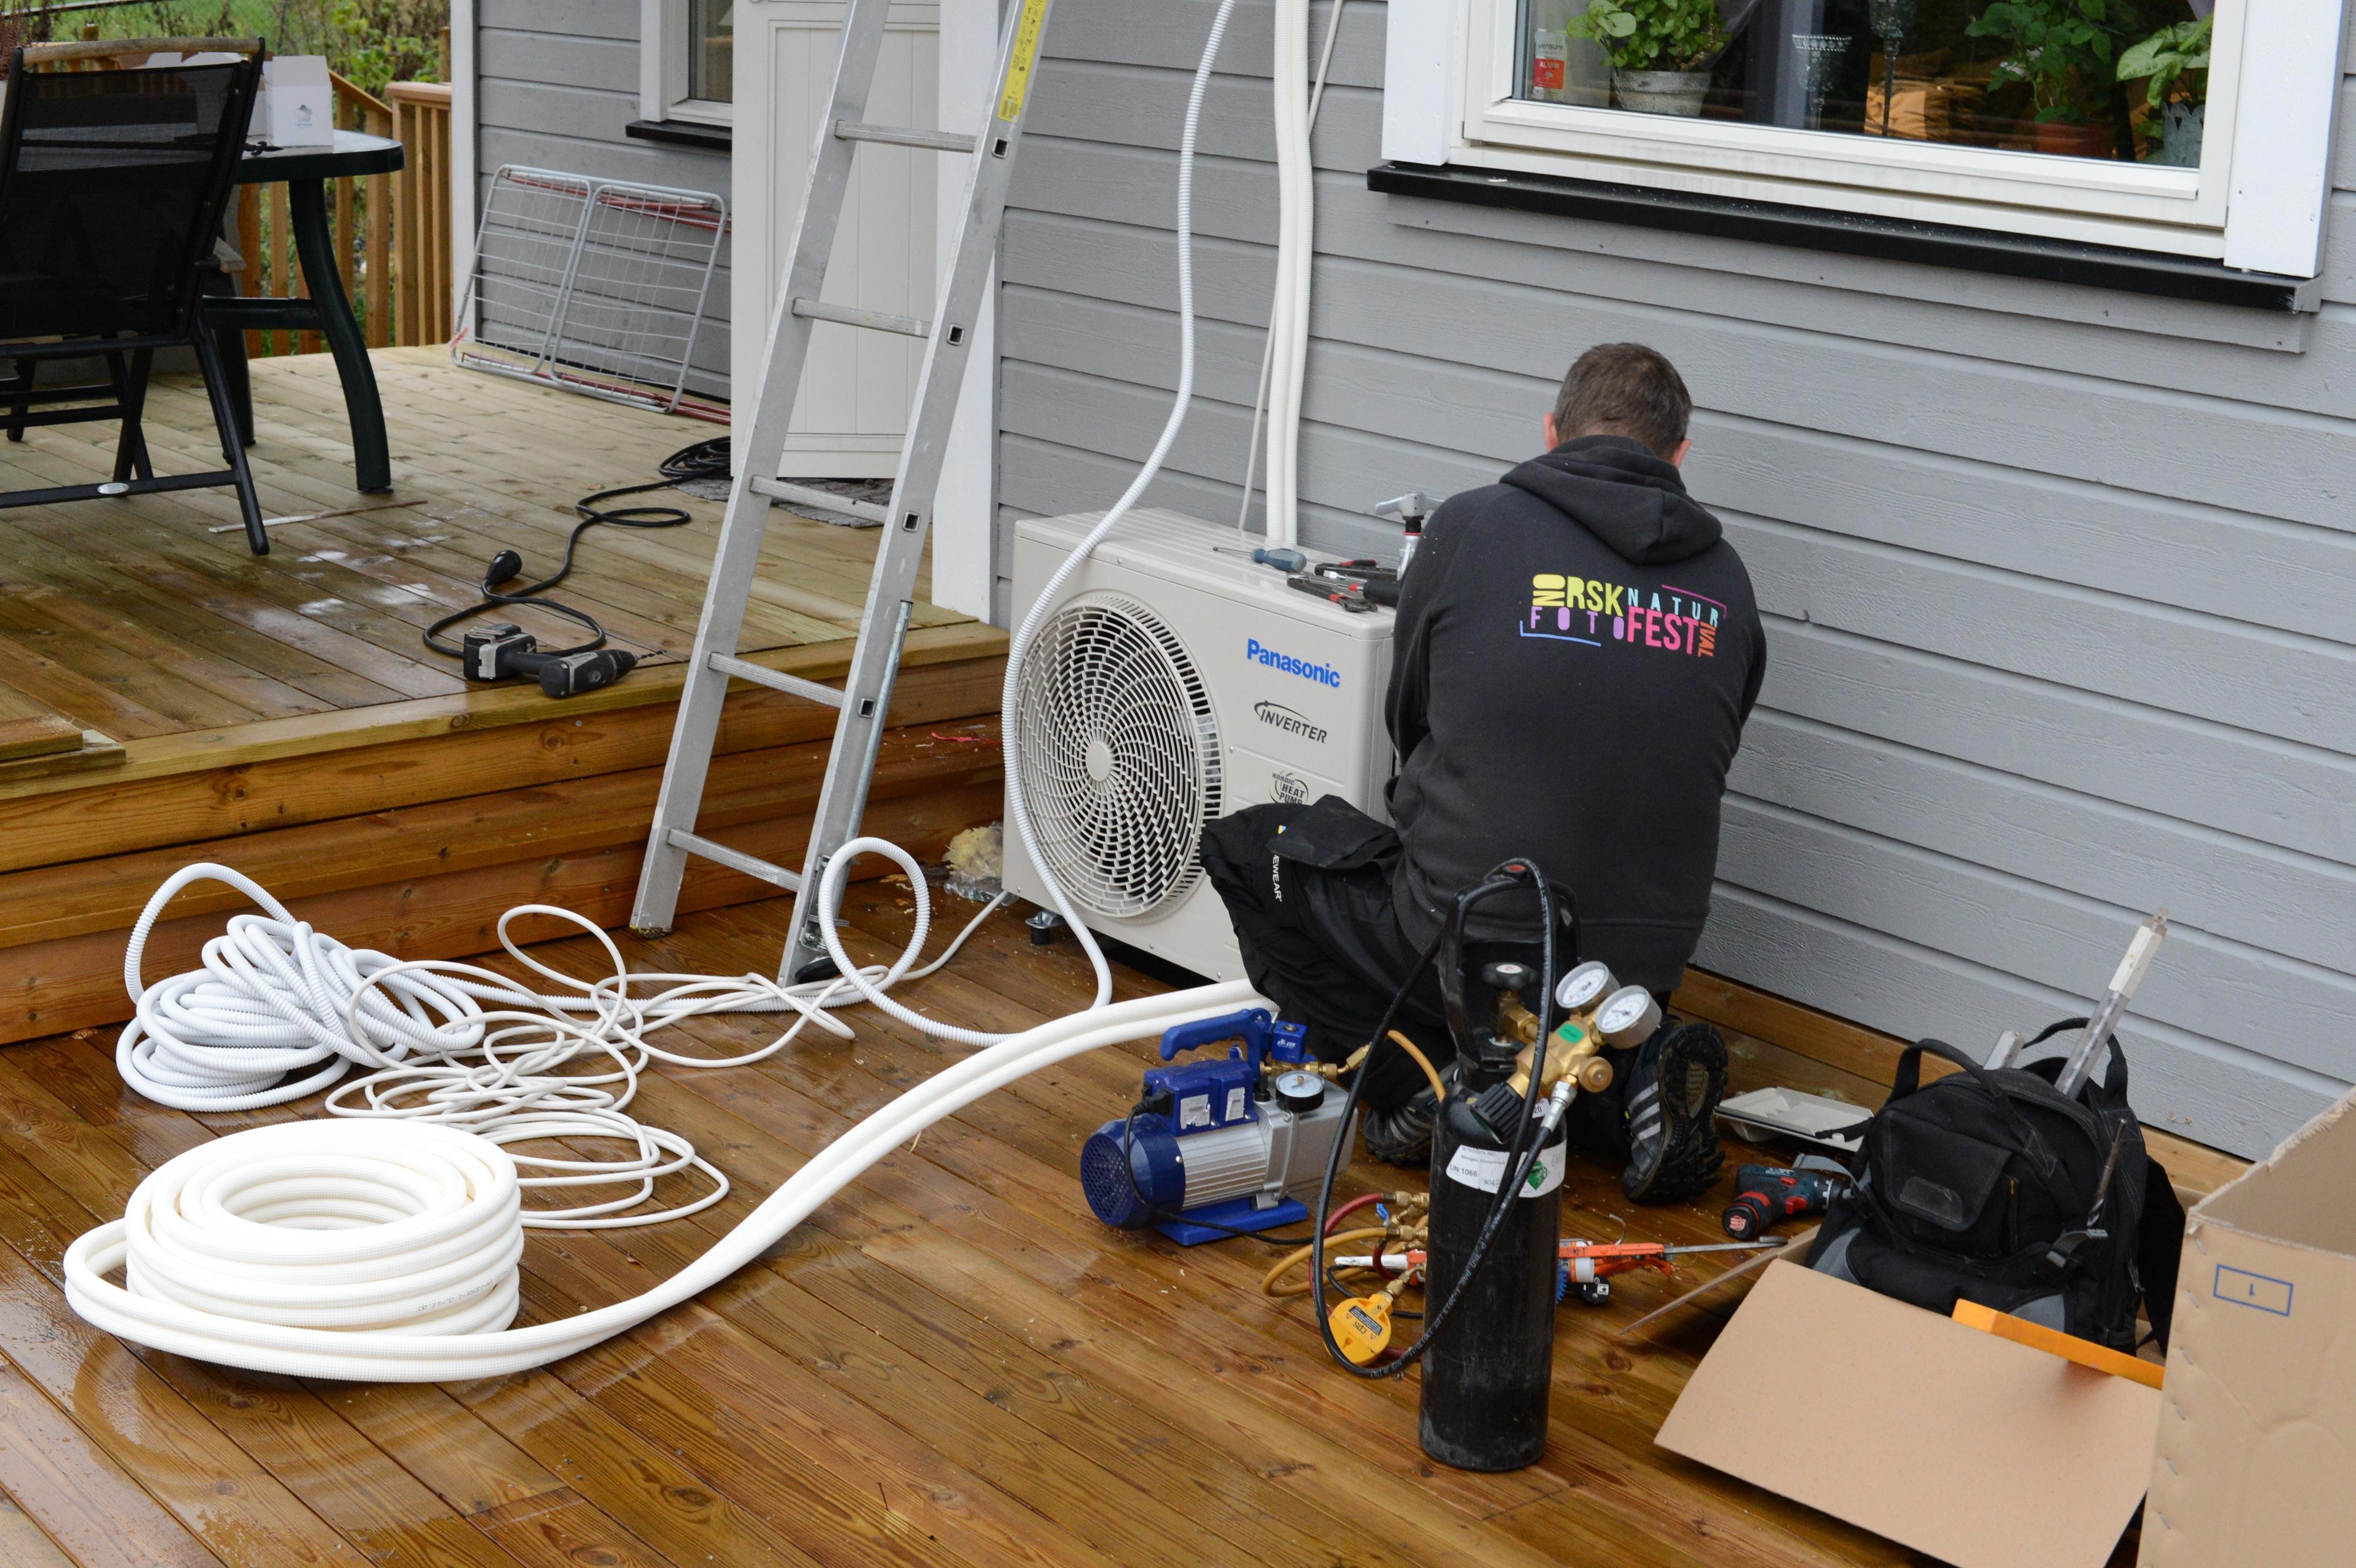 Du har ikke lov å montere en varmepumpe selv. Foto: Ole Henrik Johansen / Tek.no